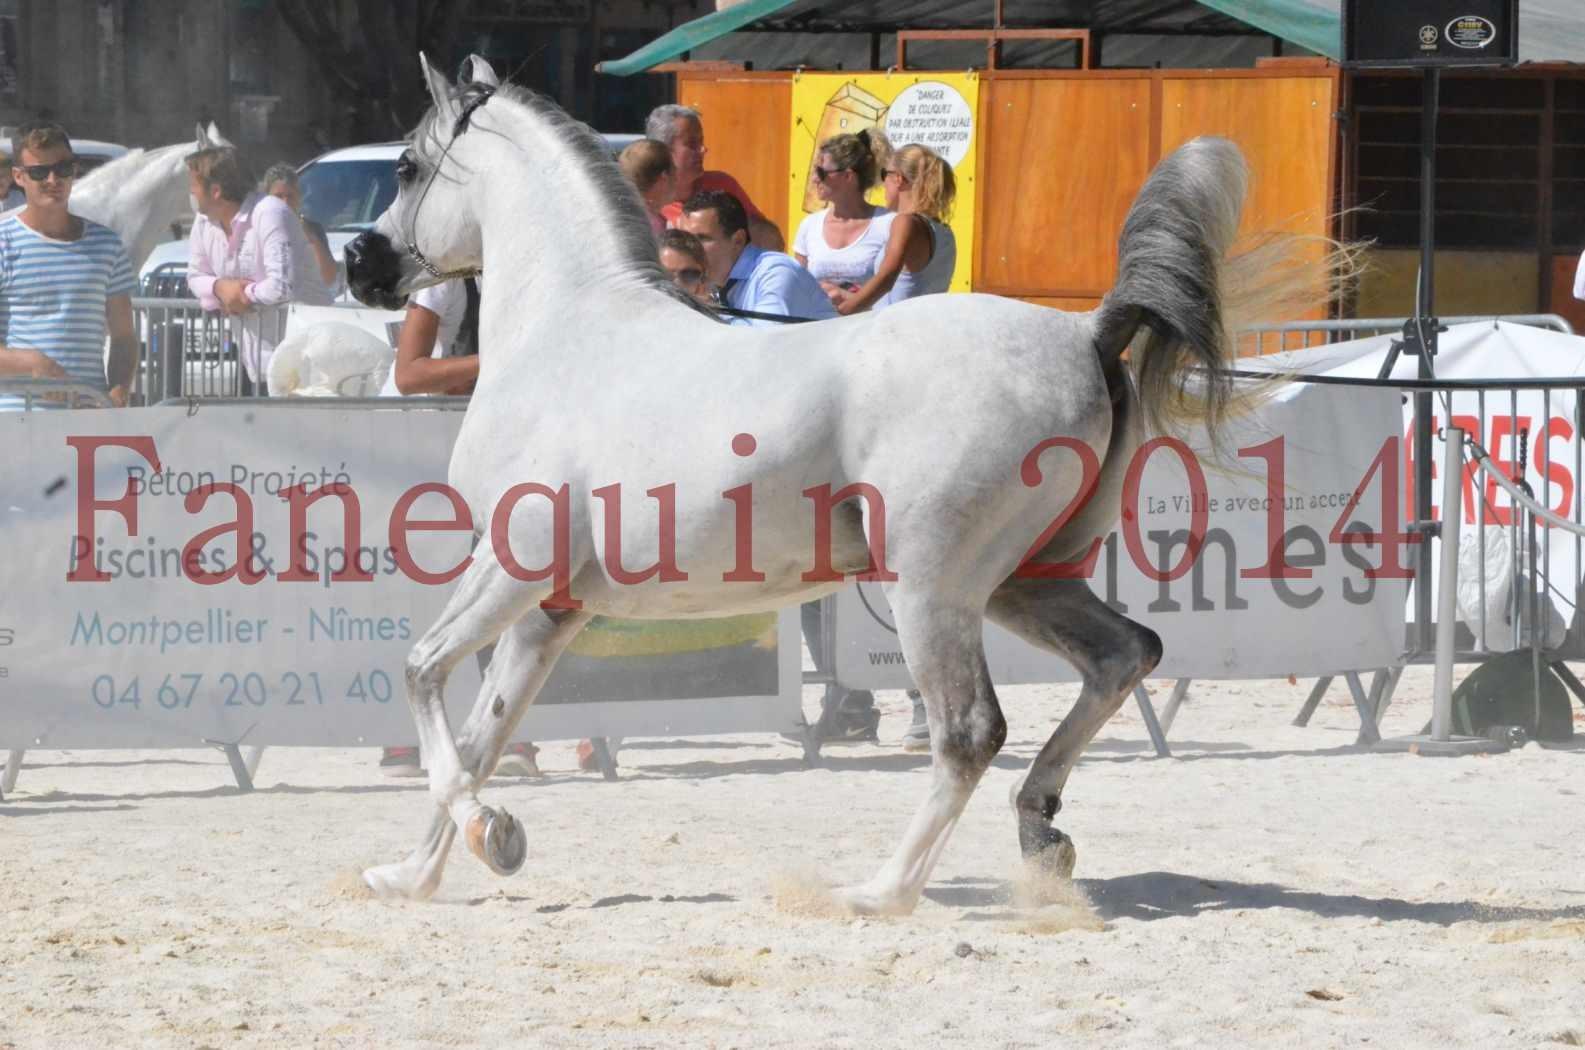 Concours National de Nîmes de chevaux ARABES 2014 - Sélection - SHAOLIN DE NEDJAIA - 35